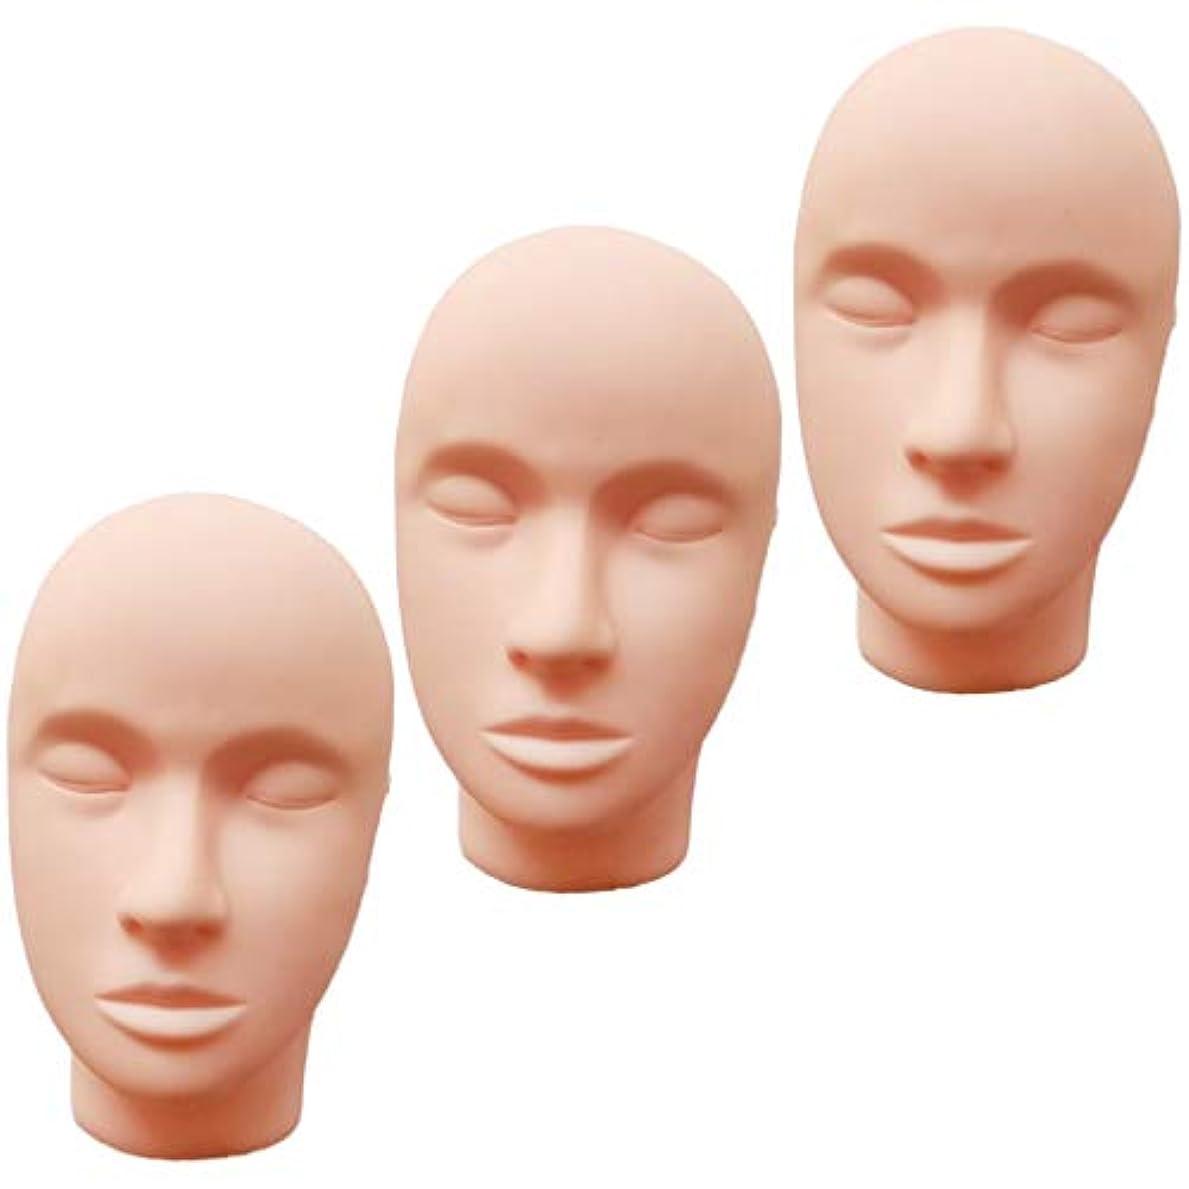 馬力震える黒T TOOYFUL ヘッドマネキン メイク練習用 モデル 化粧 フェイス メイクアップ まつげエクステ 繰り返し利用